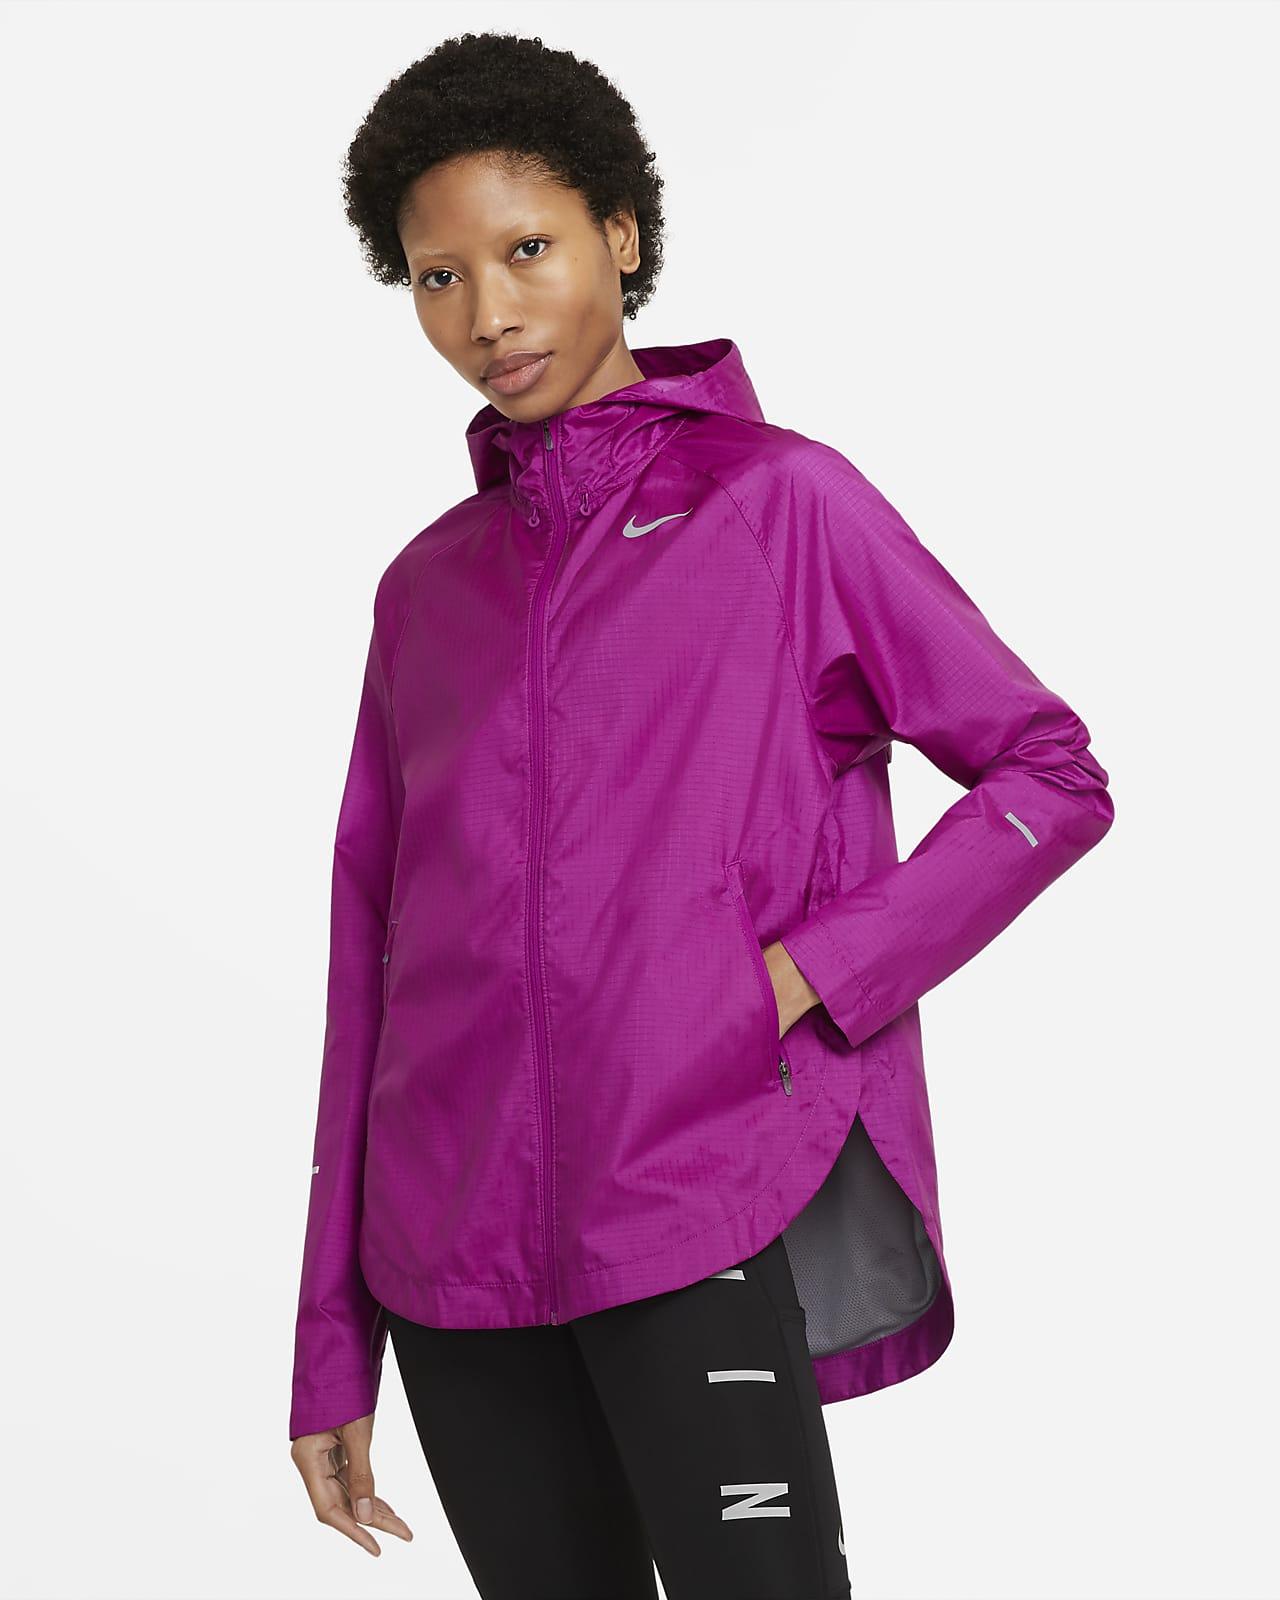 Женская беговая куртка Nike Essential Run Division